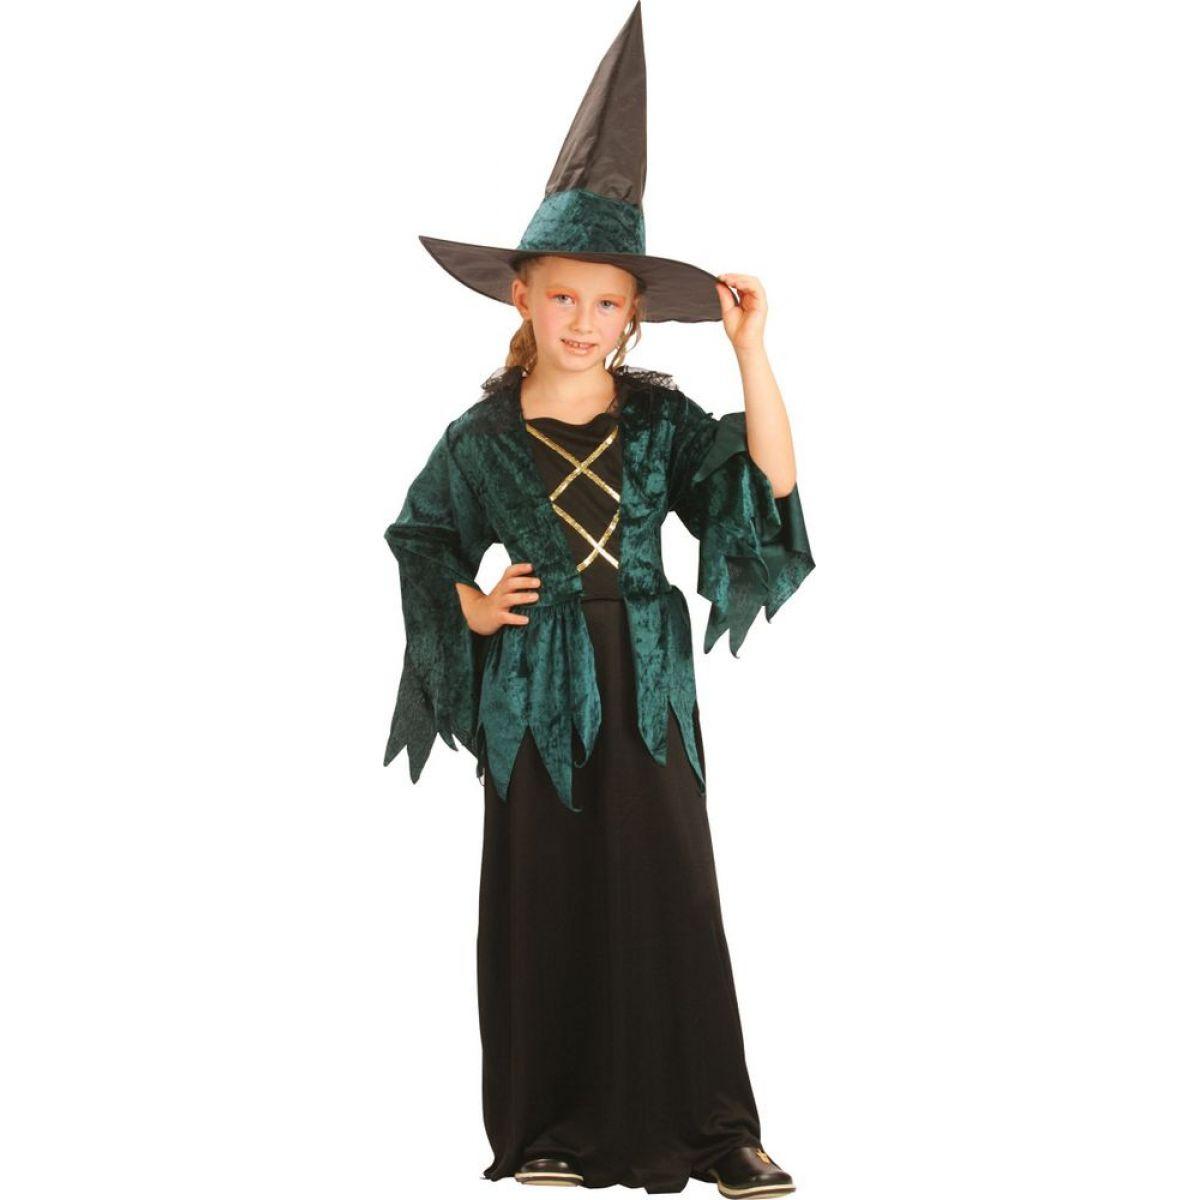 Made Detský kostým Čarodejnica veľ. M 120-130 cm